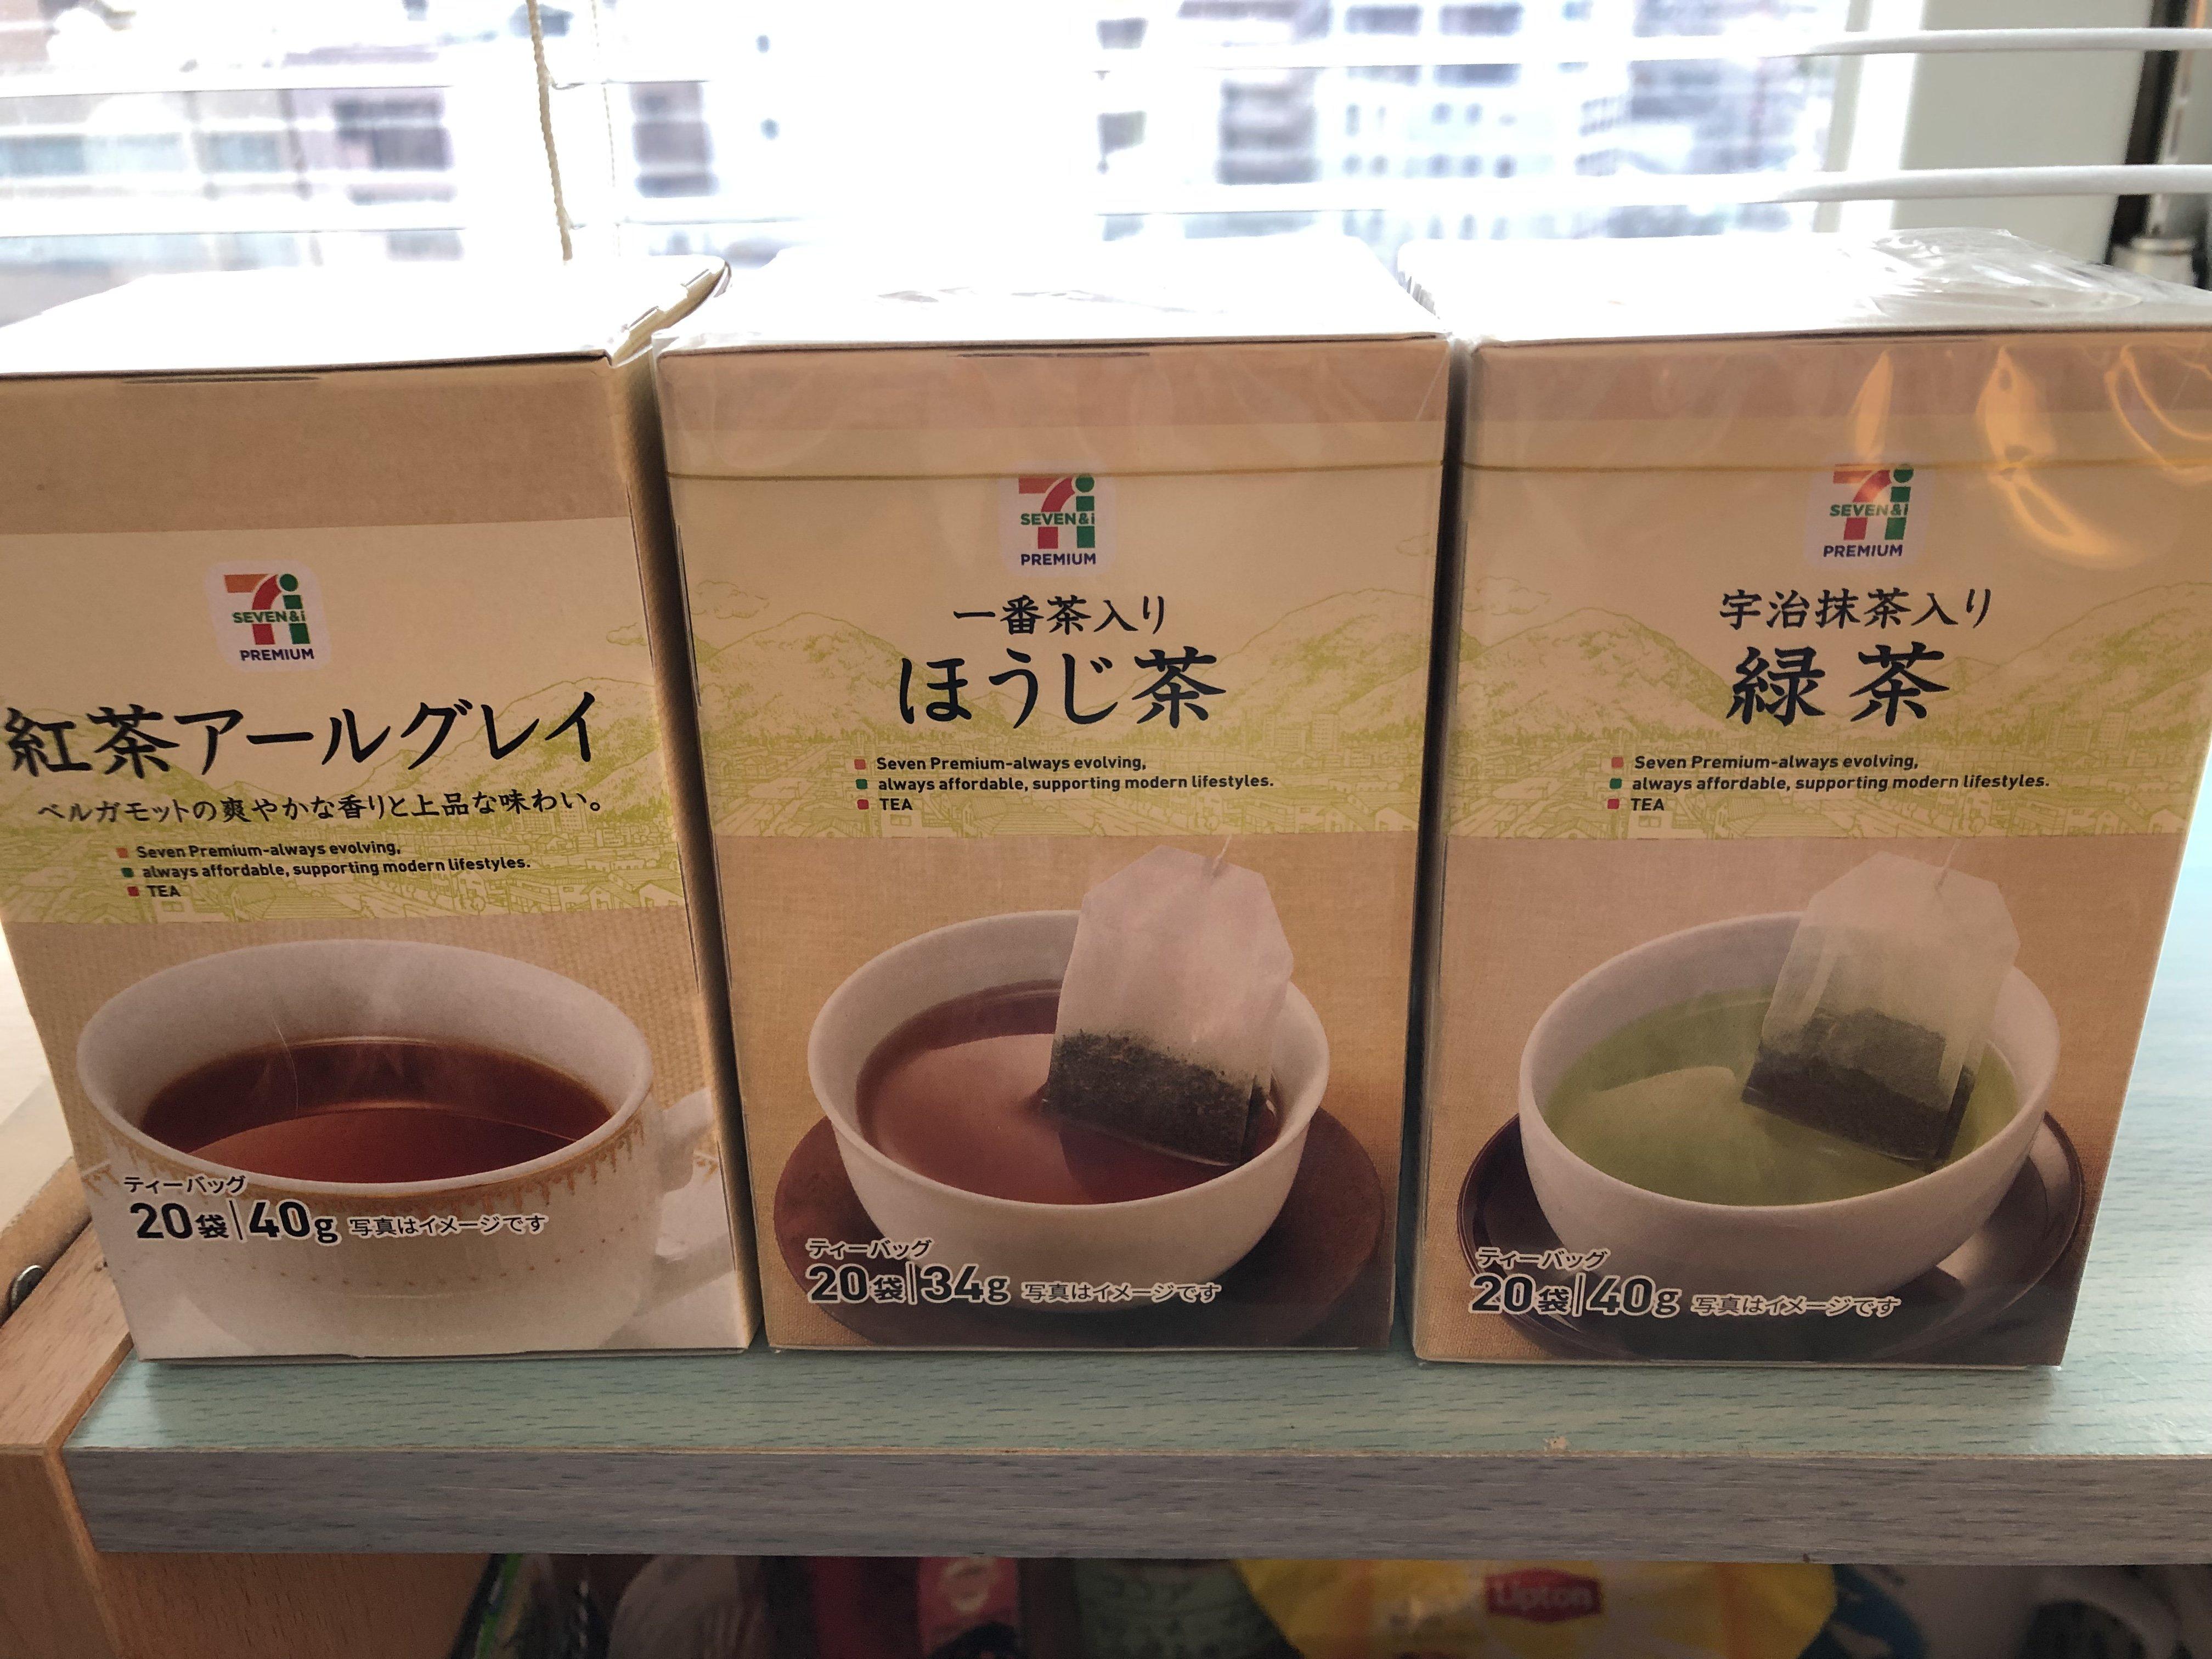 昨日差し入れで事務所にお茶が3種類届きました!ありがとうござ…